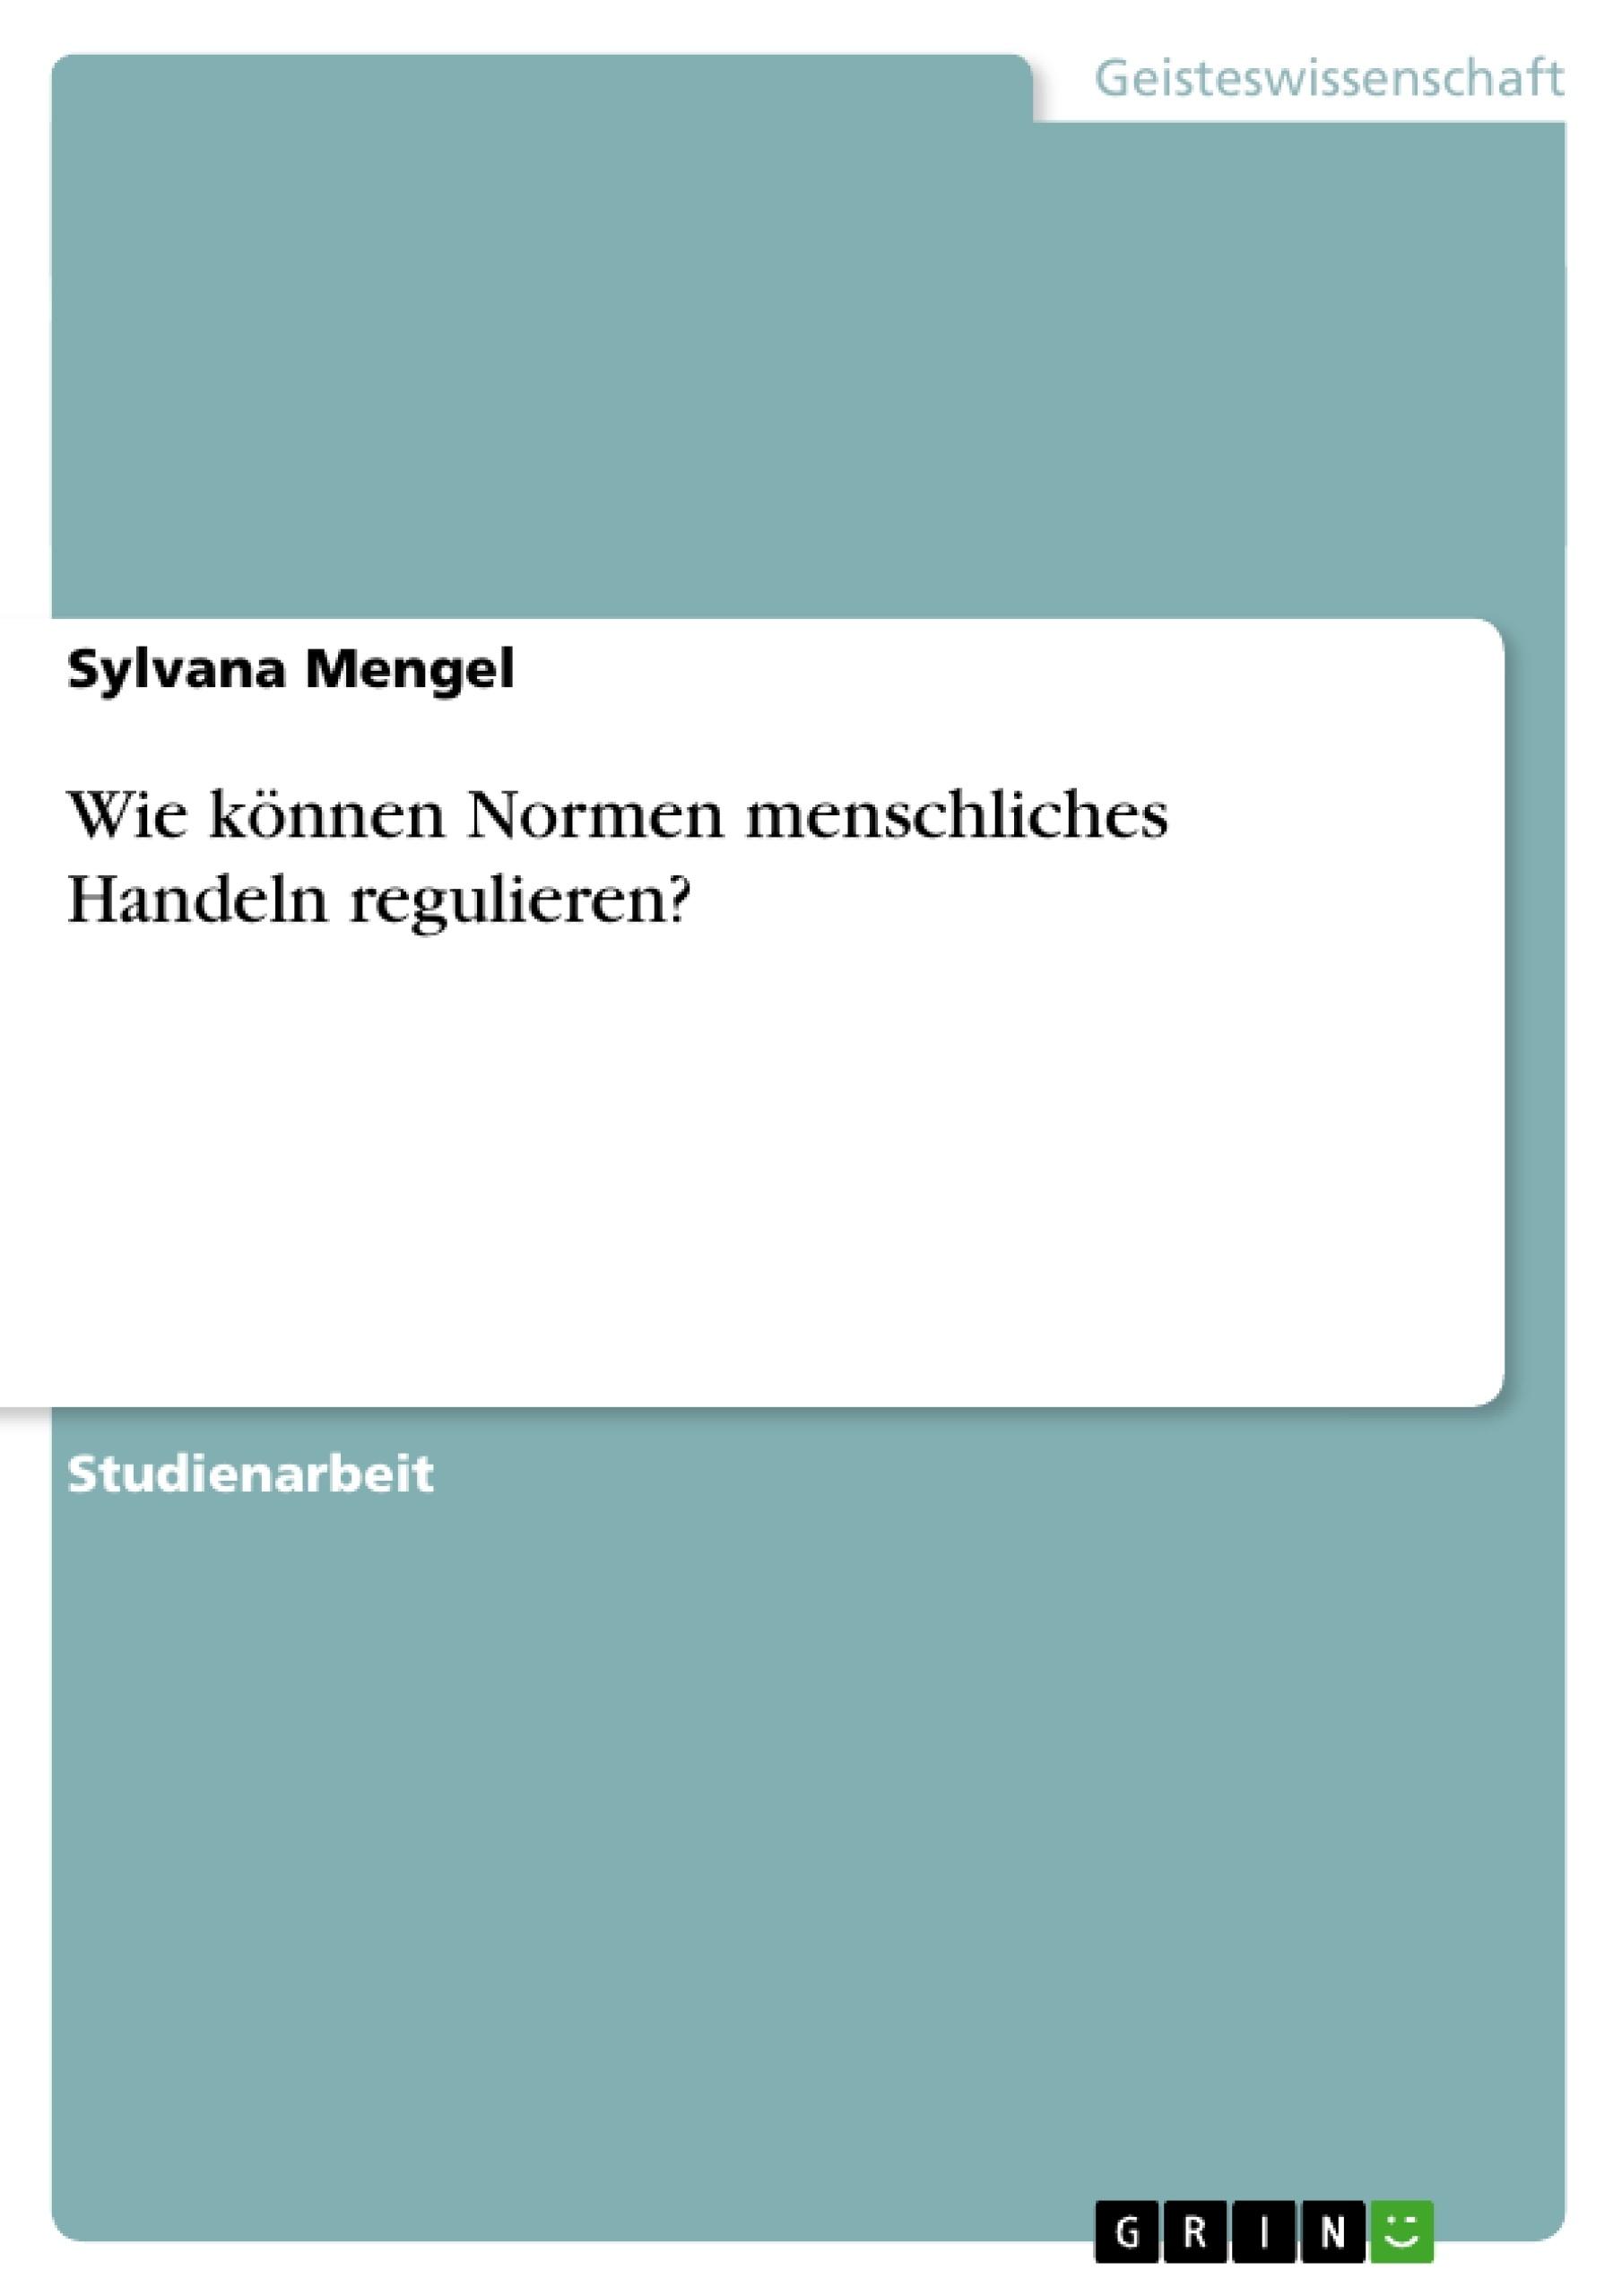 Titel: Wie können Normen menschliches Handeln regulieren?